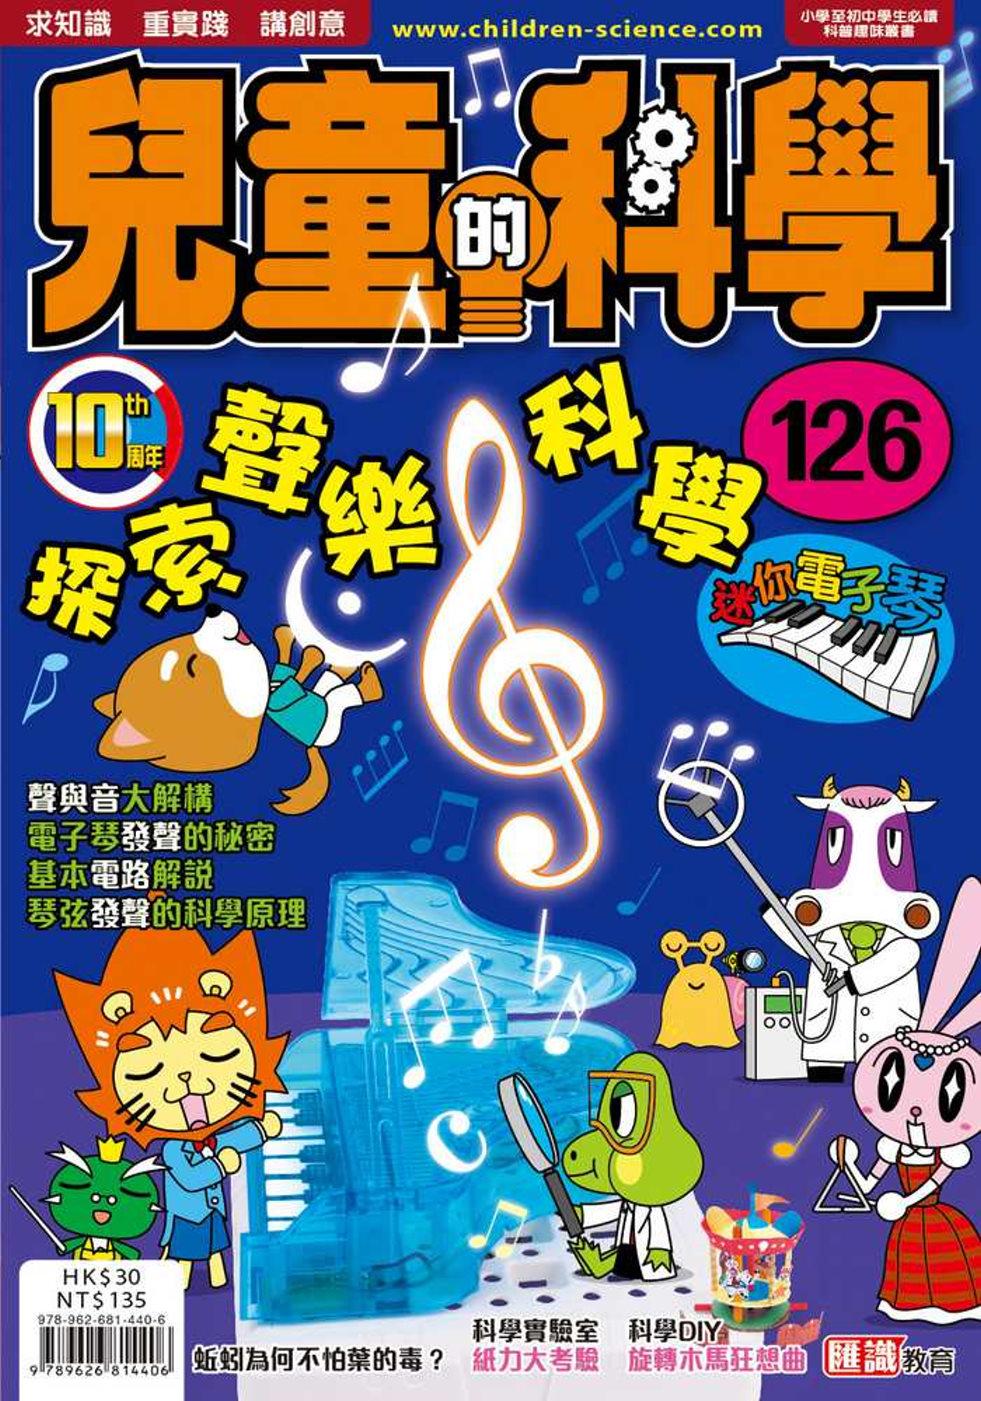 兒童的科學126之探索聲樂科學(一般版)